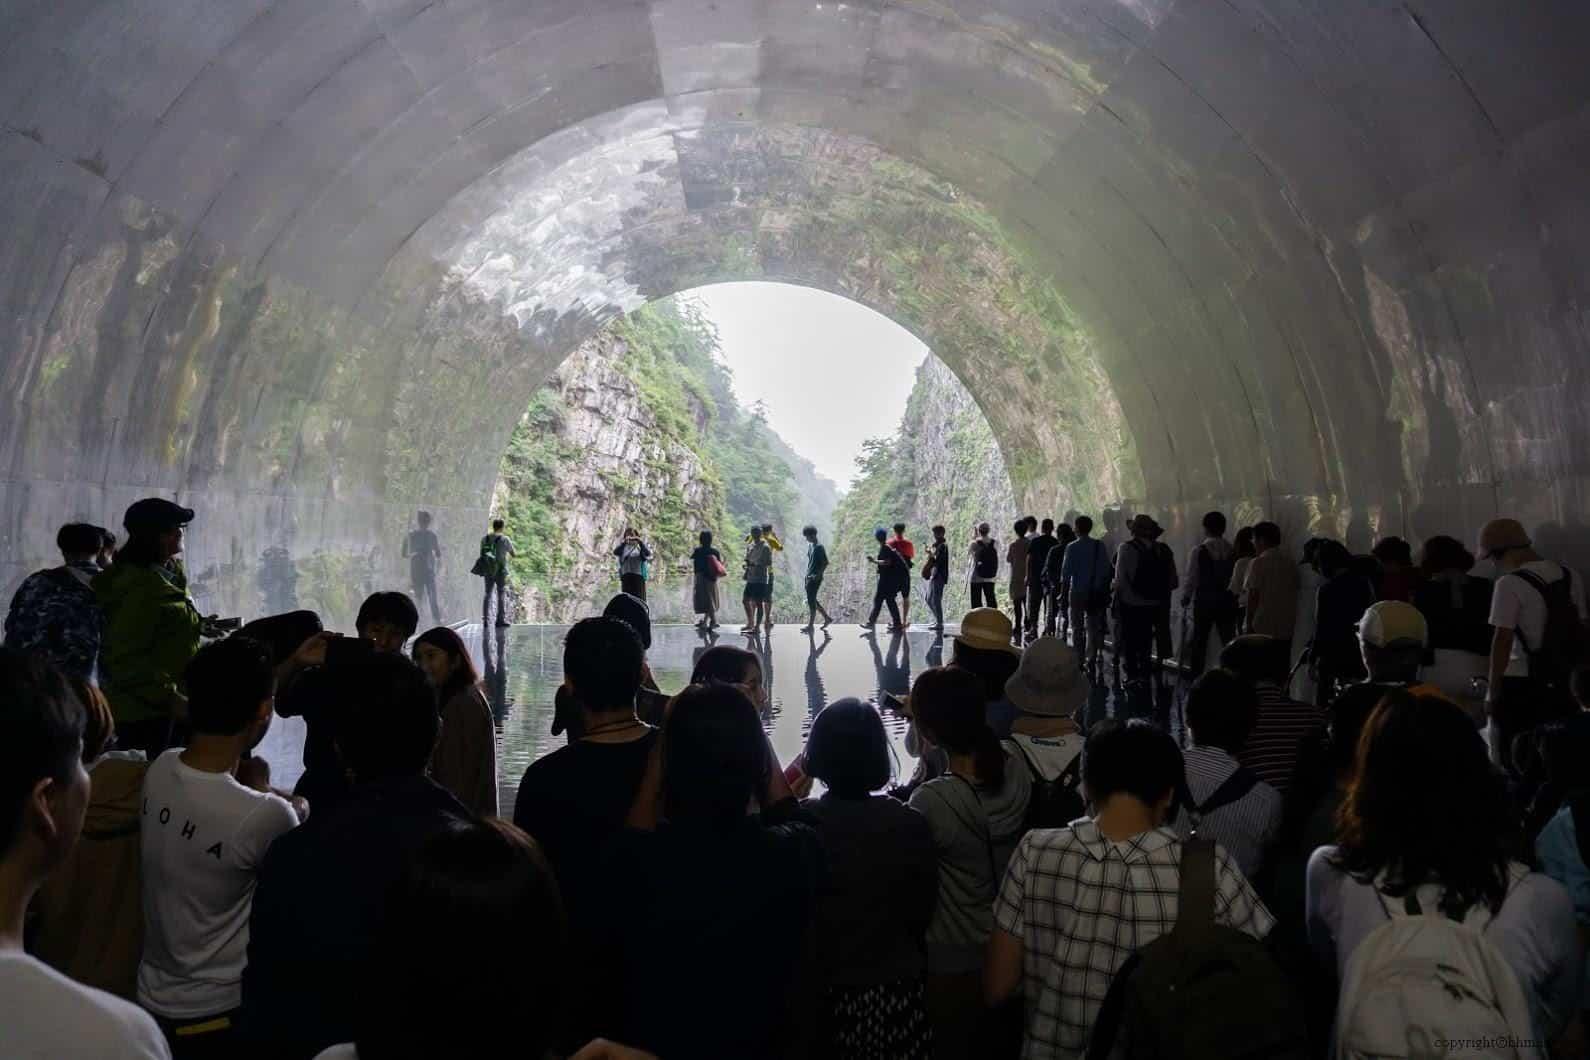 馬岩松,光洞,鏡池—水(第四觀景台),置放了一池淺水,不銹鋼板在倒影反射下鏡面的水與半圓形隧道洞口,形成了擁有完美弧線的圓 越後妻有 光洞 periscopelight cave 13 0x0